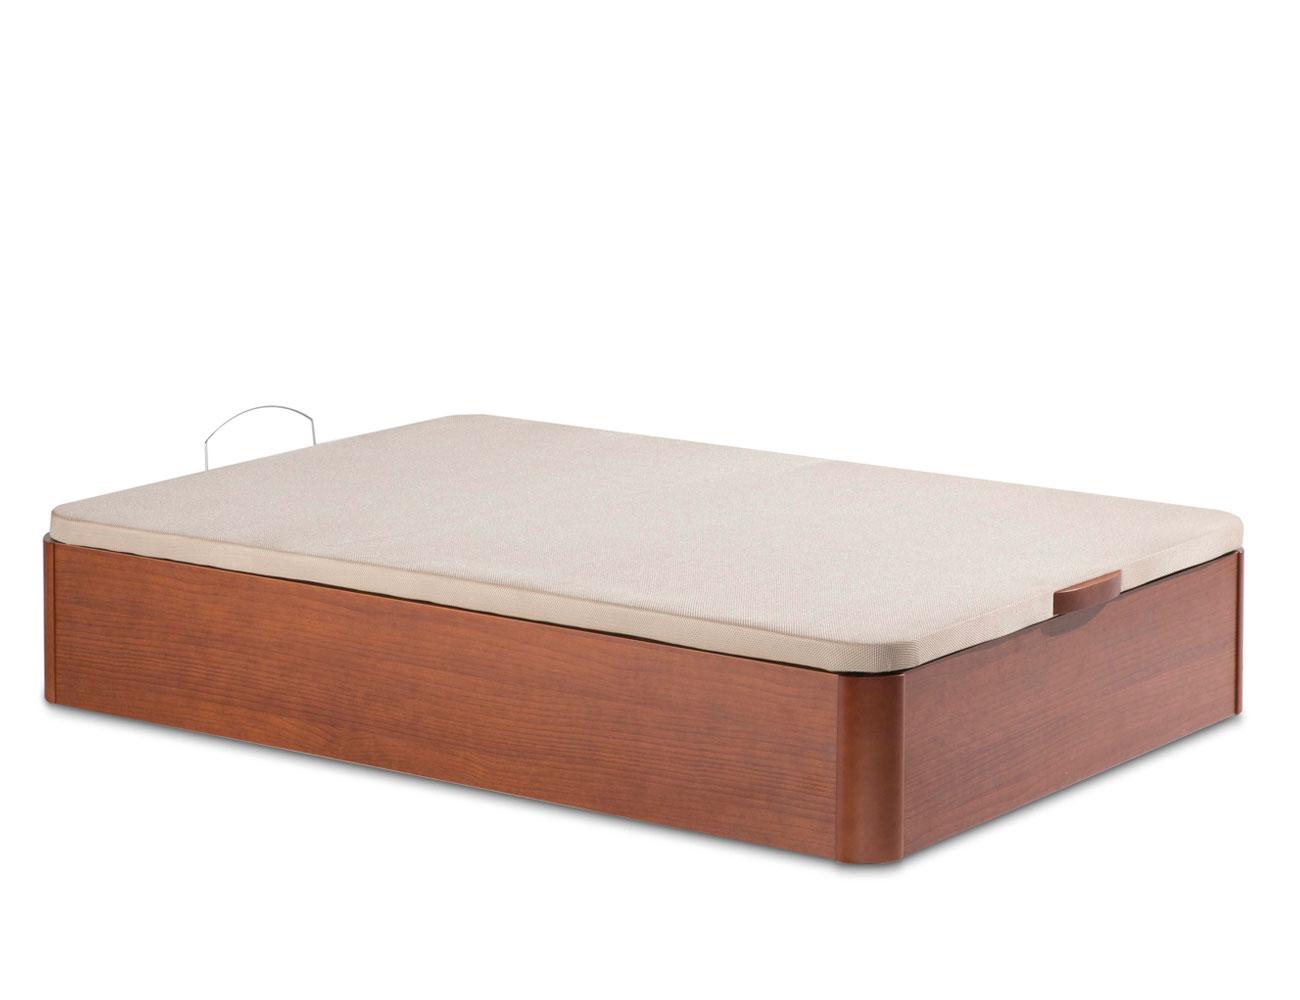 Canape madera base 3d 7315